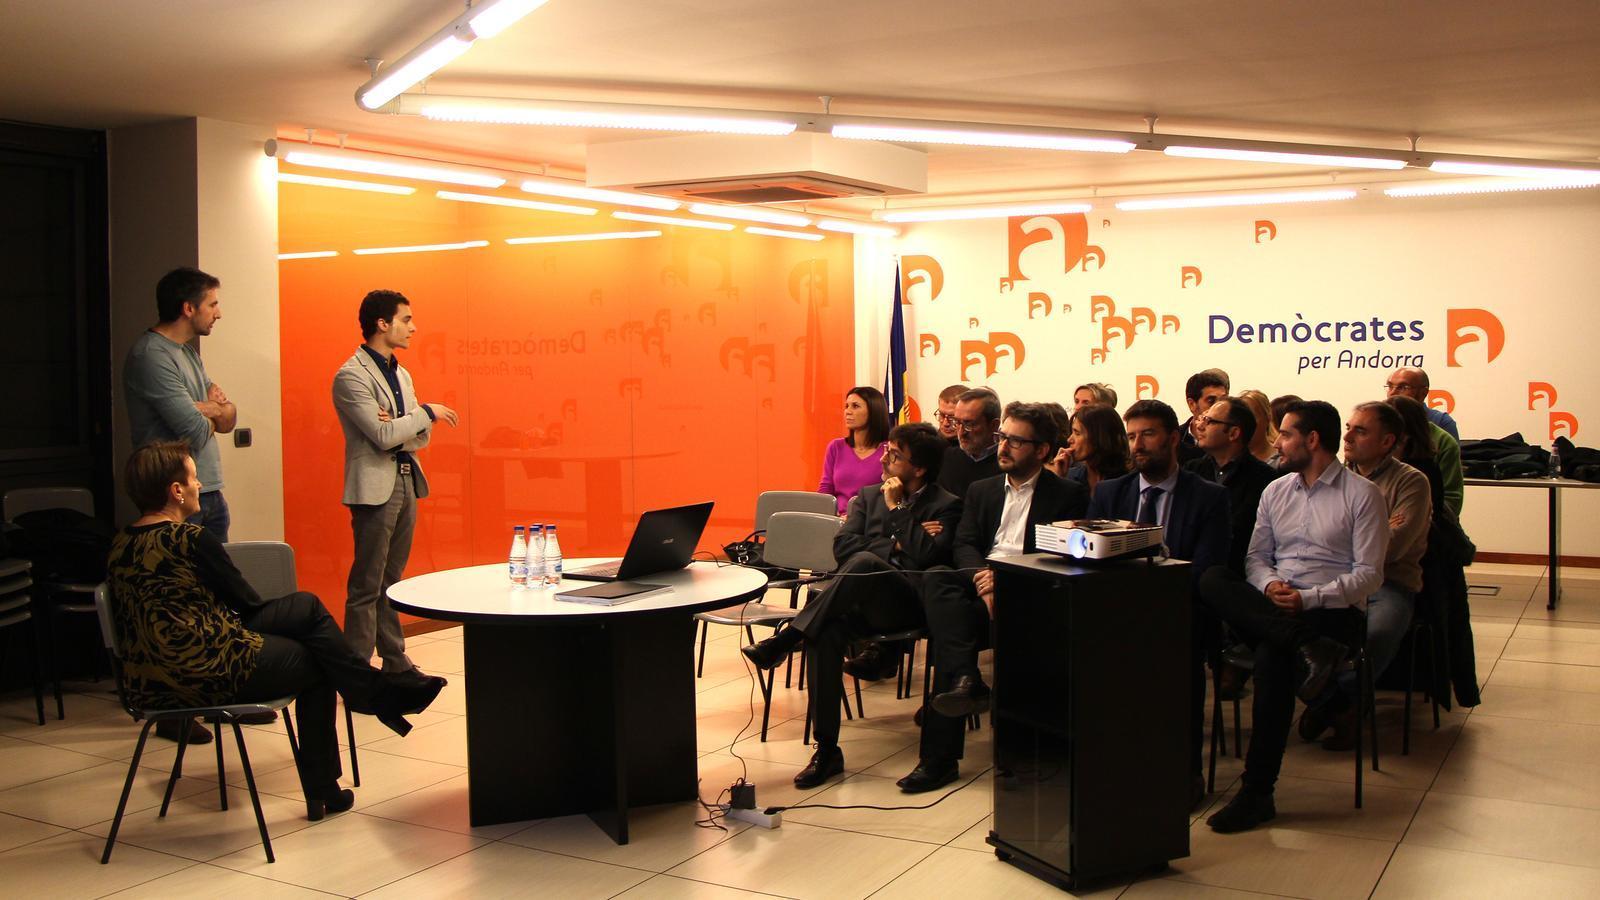 Un moment de la jornada de treball sobre abstencionisme que han dut a terme Demòcrates per Andorra. / M. F. (ANA)